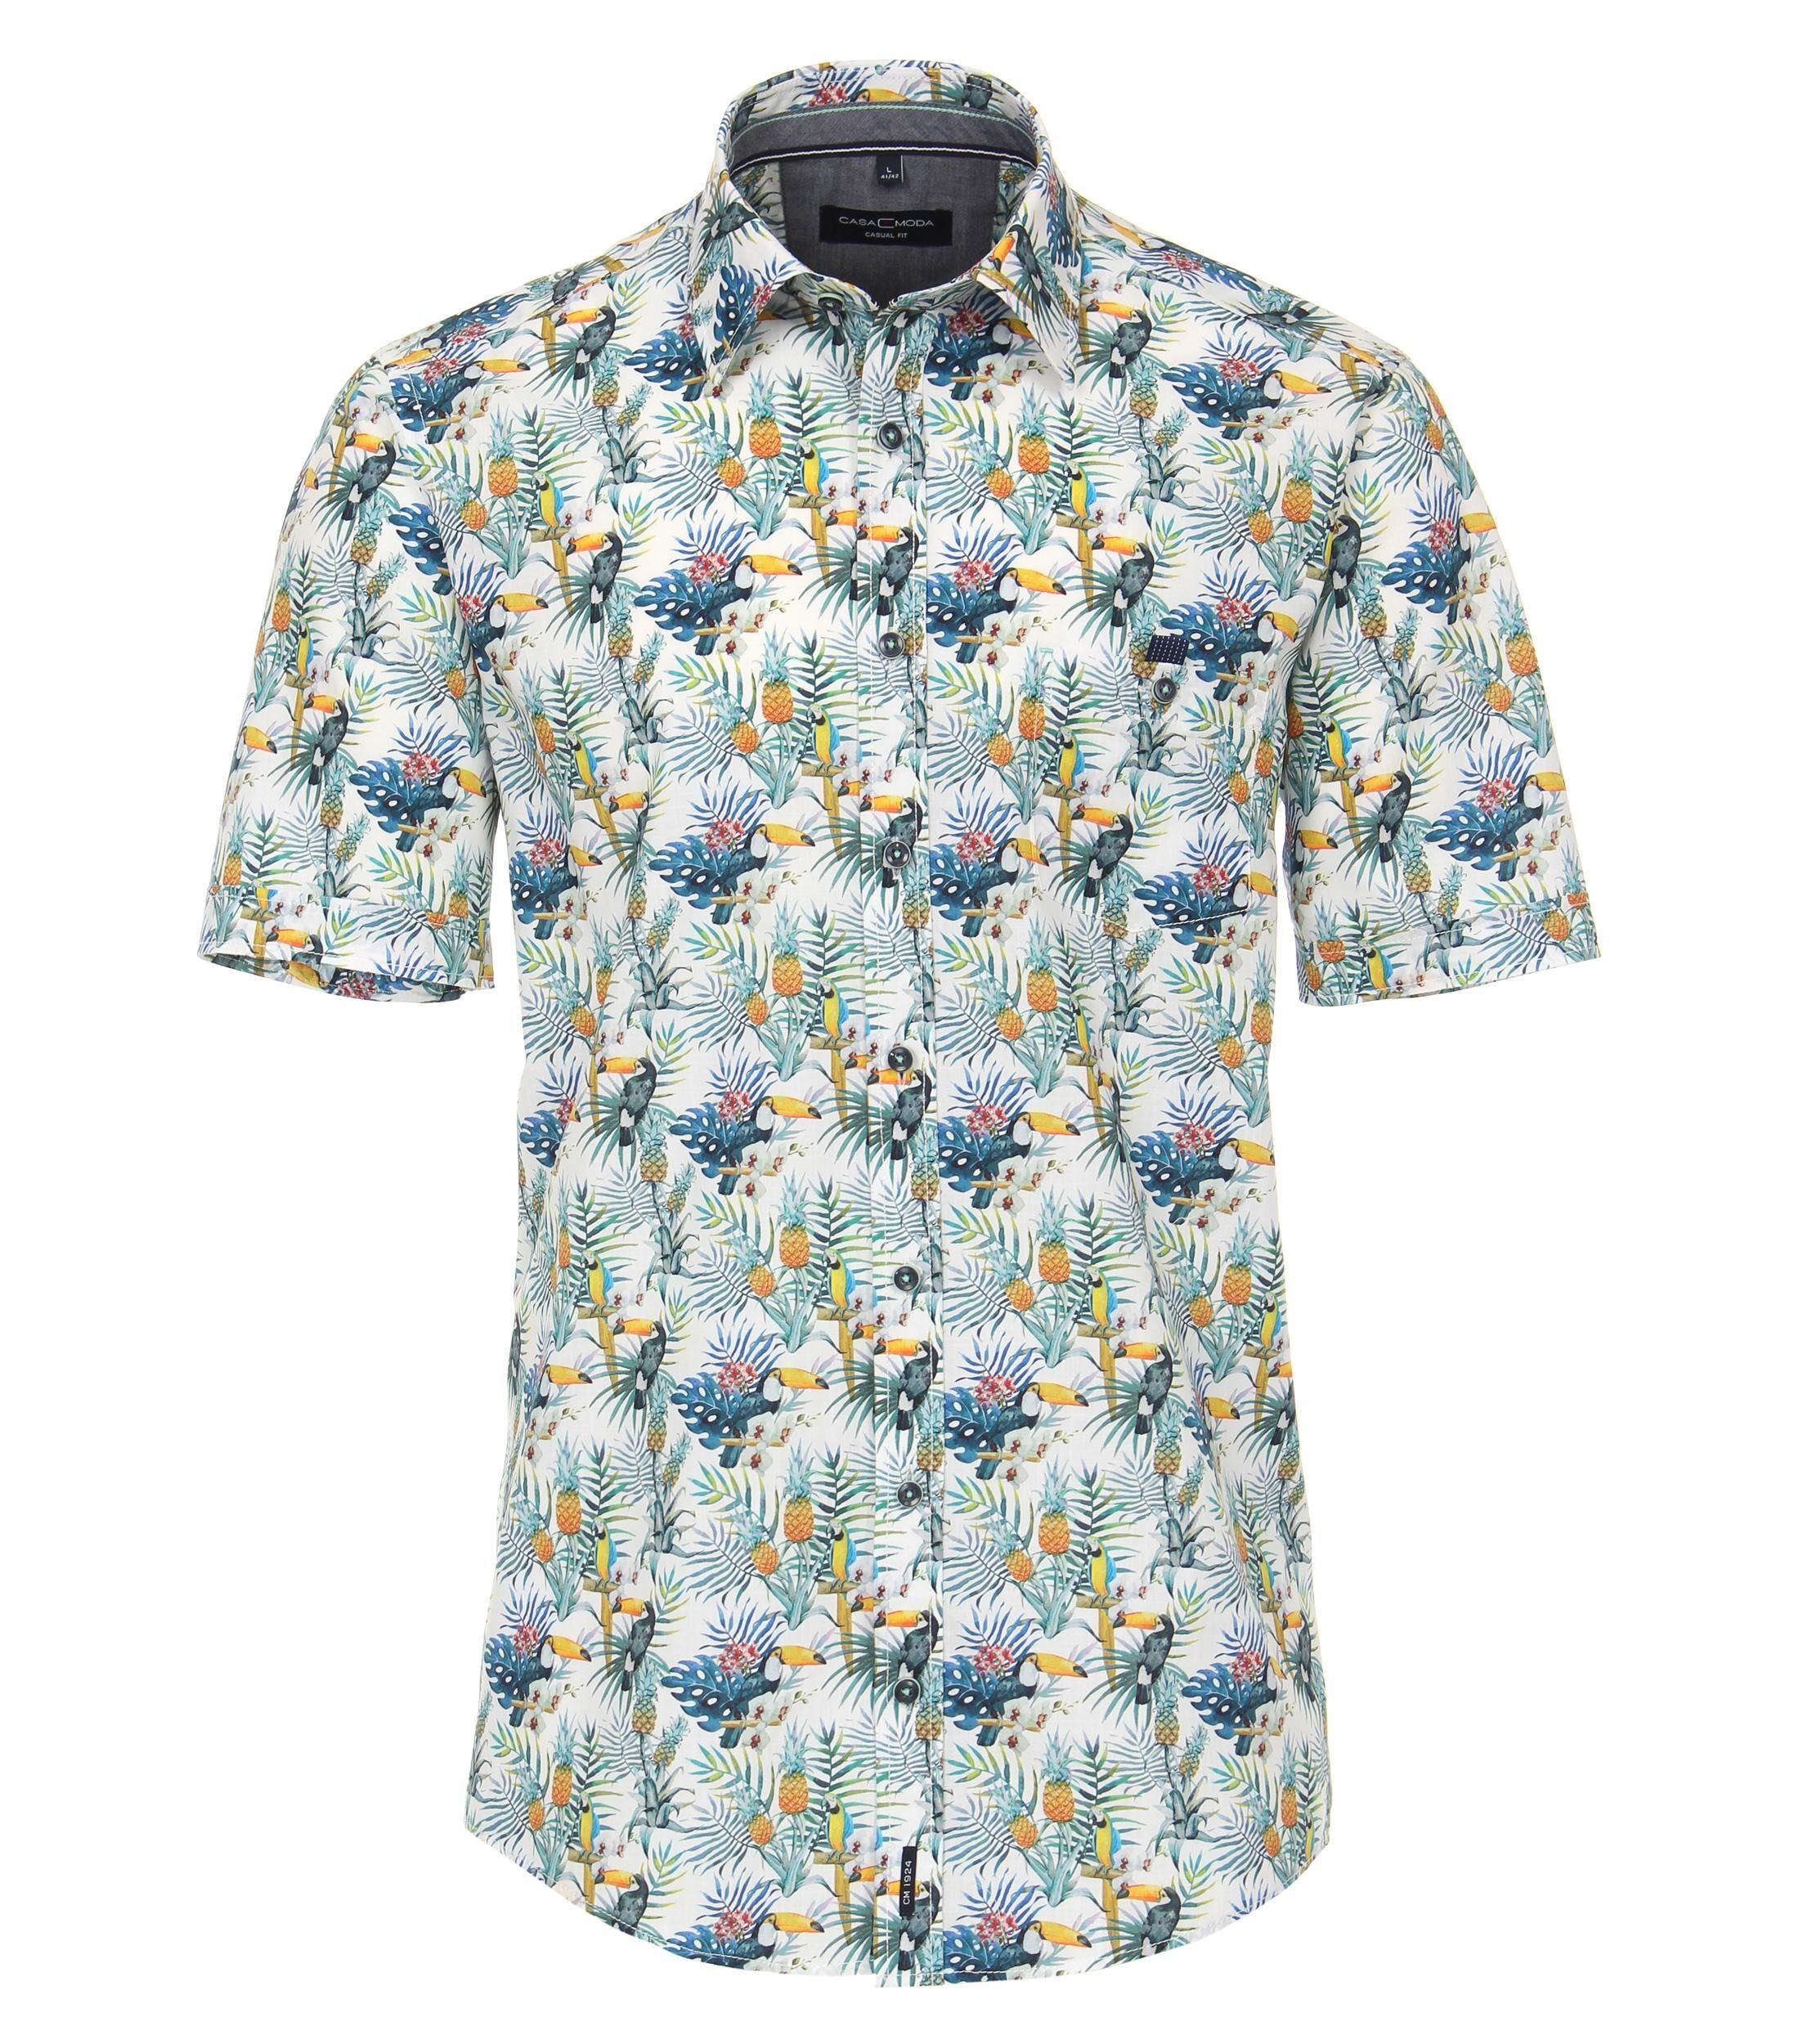 Overhemd van merk CASA MODA in de kleur blauw, gemaakt van 100% katoen. Dankzij de nonchalante snit en de zuivere katoenen stof overtuigt dit modieuze vrijetijdsshirt door zijn comfortabele draageigenschappen. De all-over print zet modieuze accenten en accentueert stijlvol elke vrijetijdslook. Een echte must have voor de modebewuste man. Combineer hem comfortabel met jeans of chino's en begin de dag in stijl.